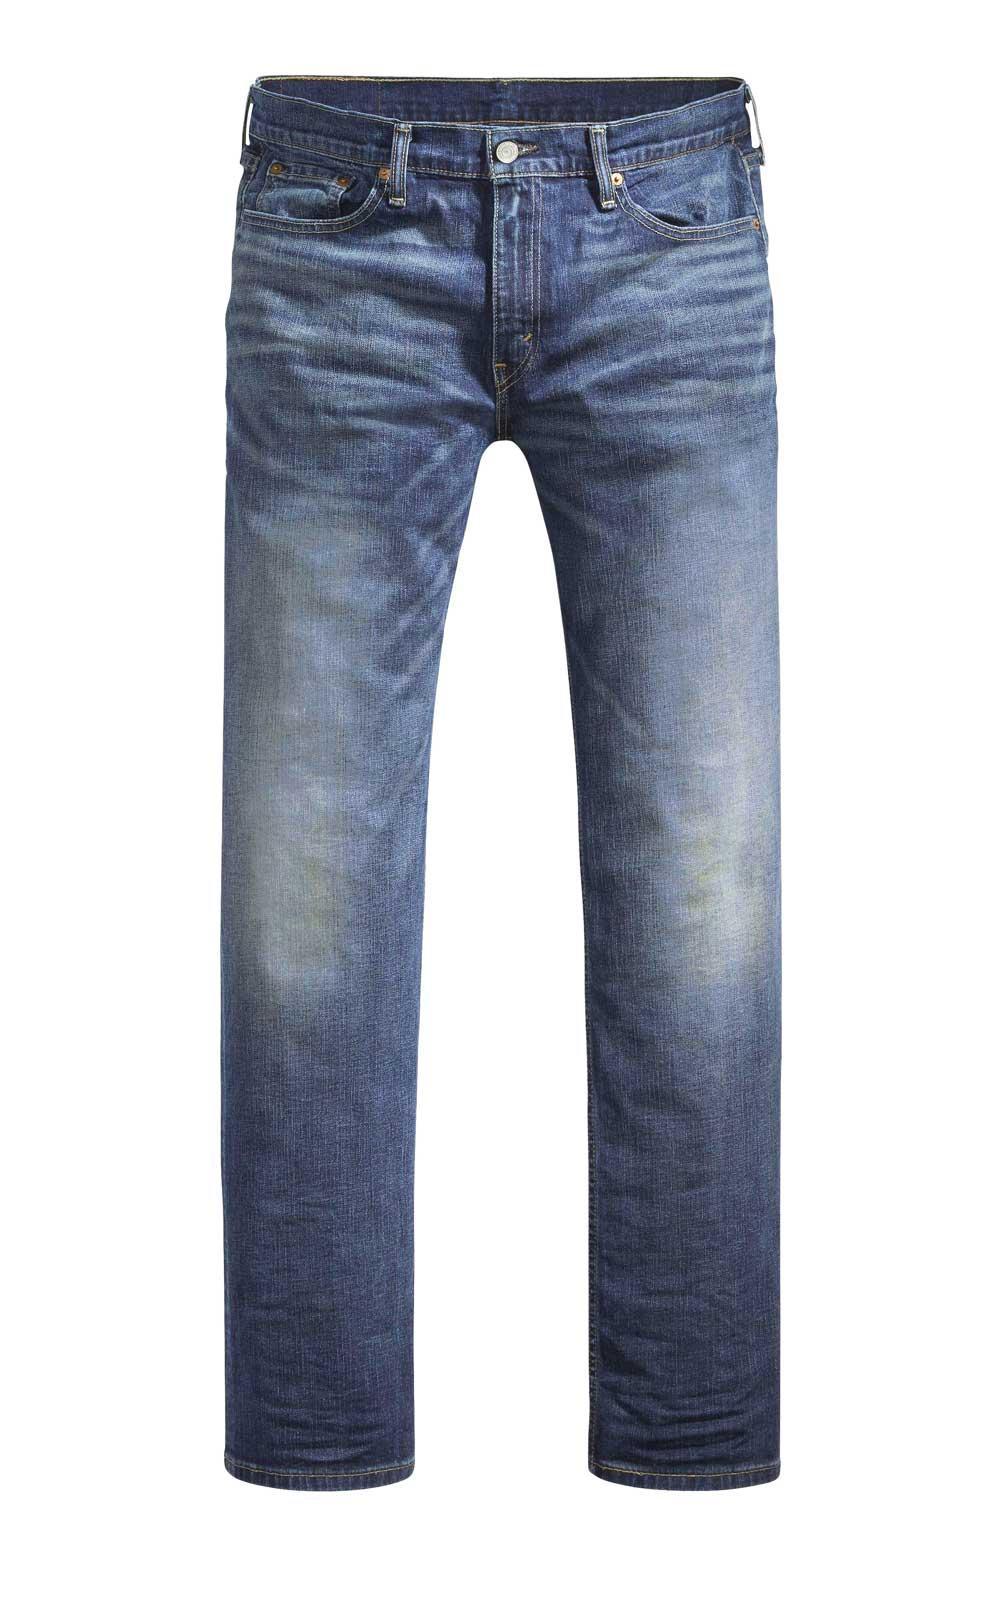 Marken-Herren-Jeans blau used   Herren- Kinder-Mode   Outlet Mode-Shop 5bd29627bf